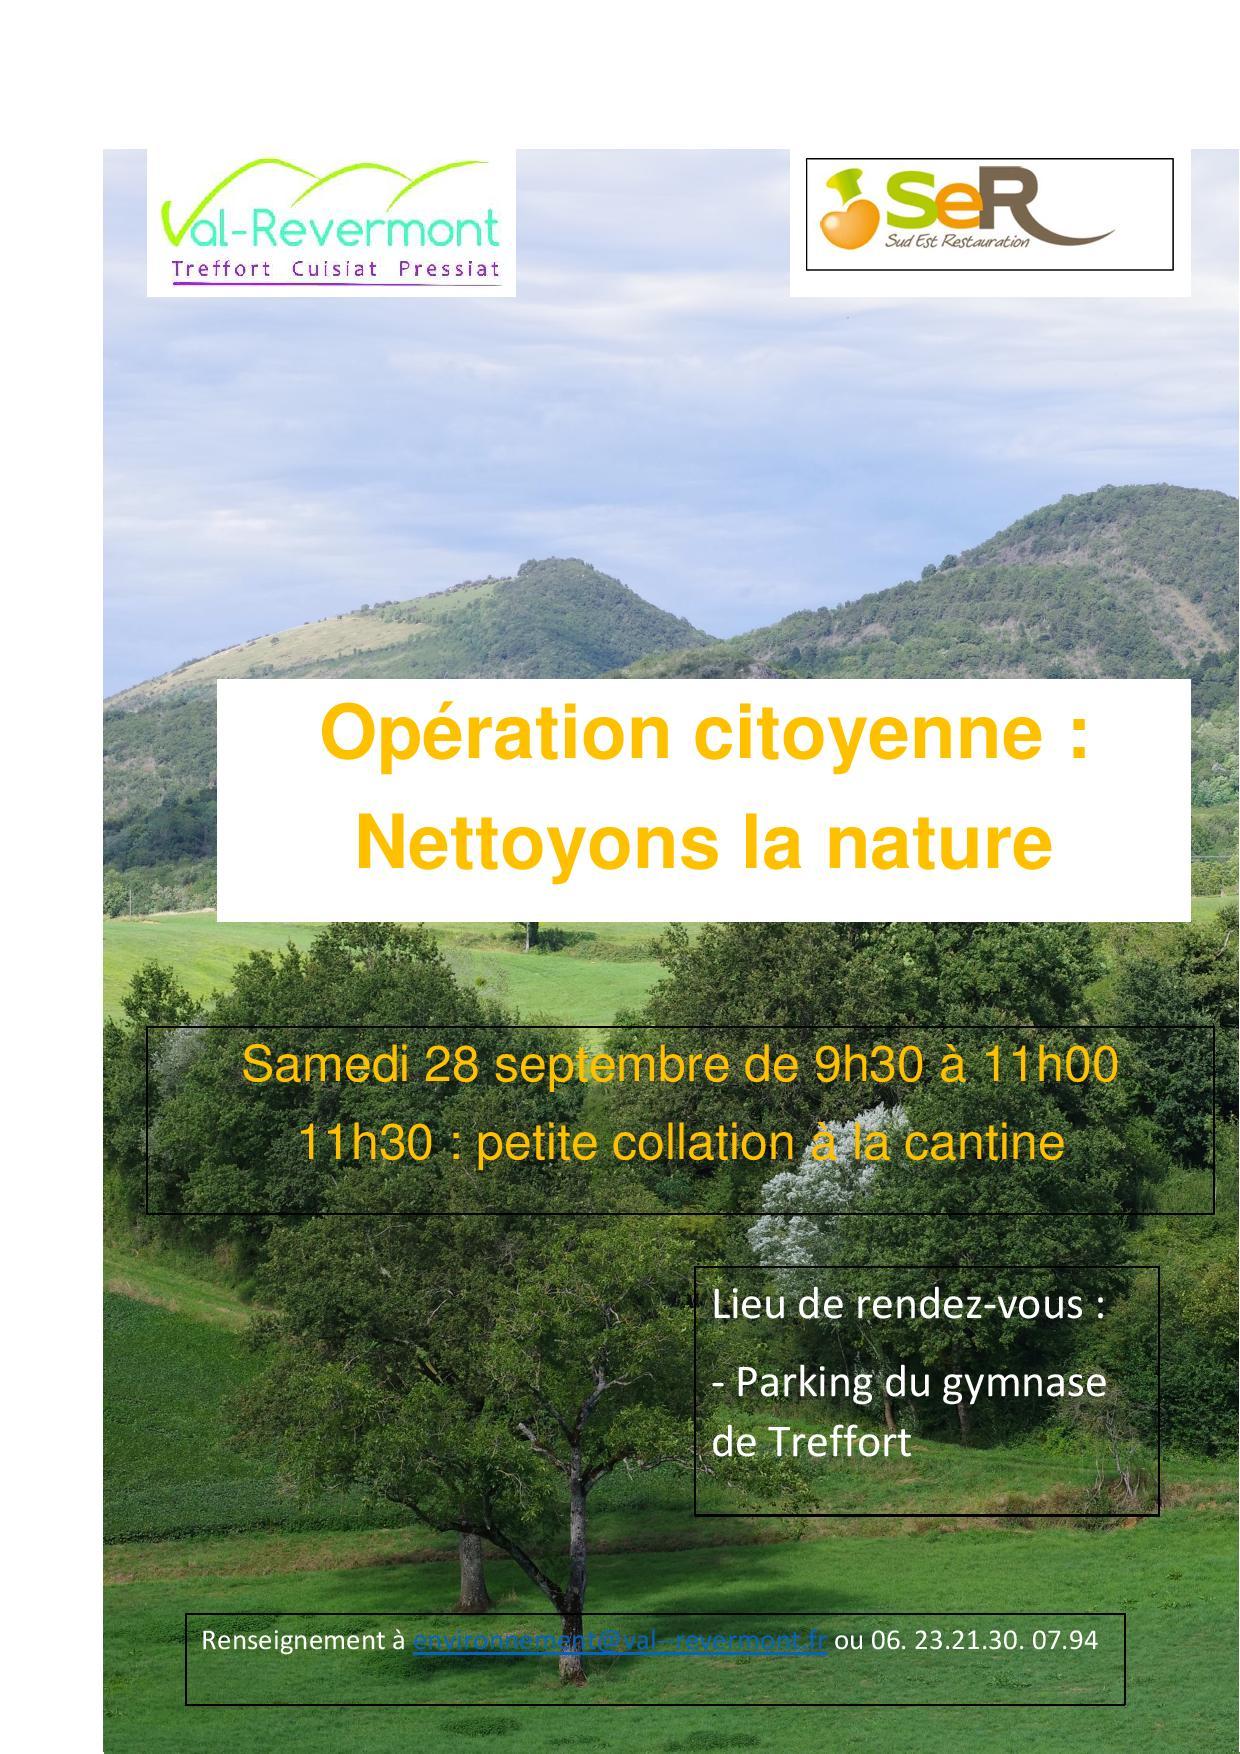 Opération citoyenne : nettoyons la nature